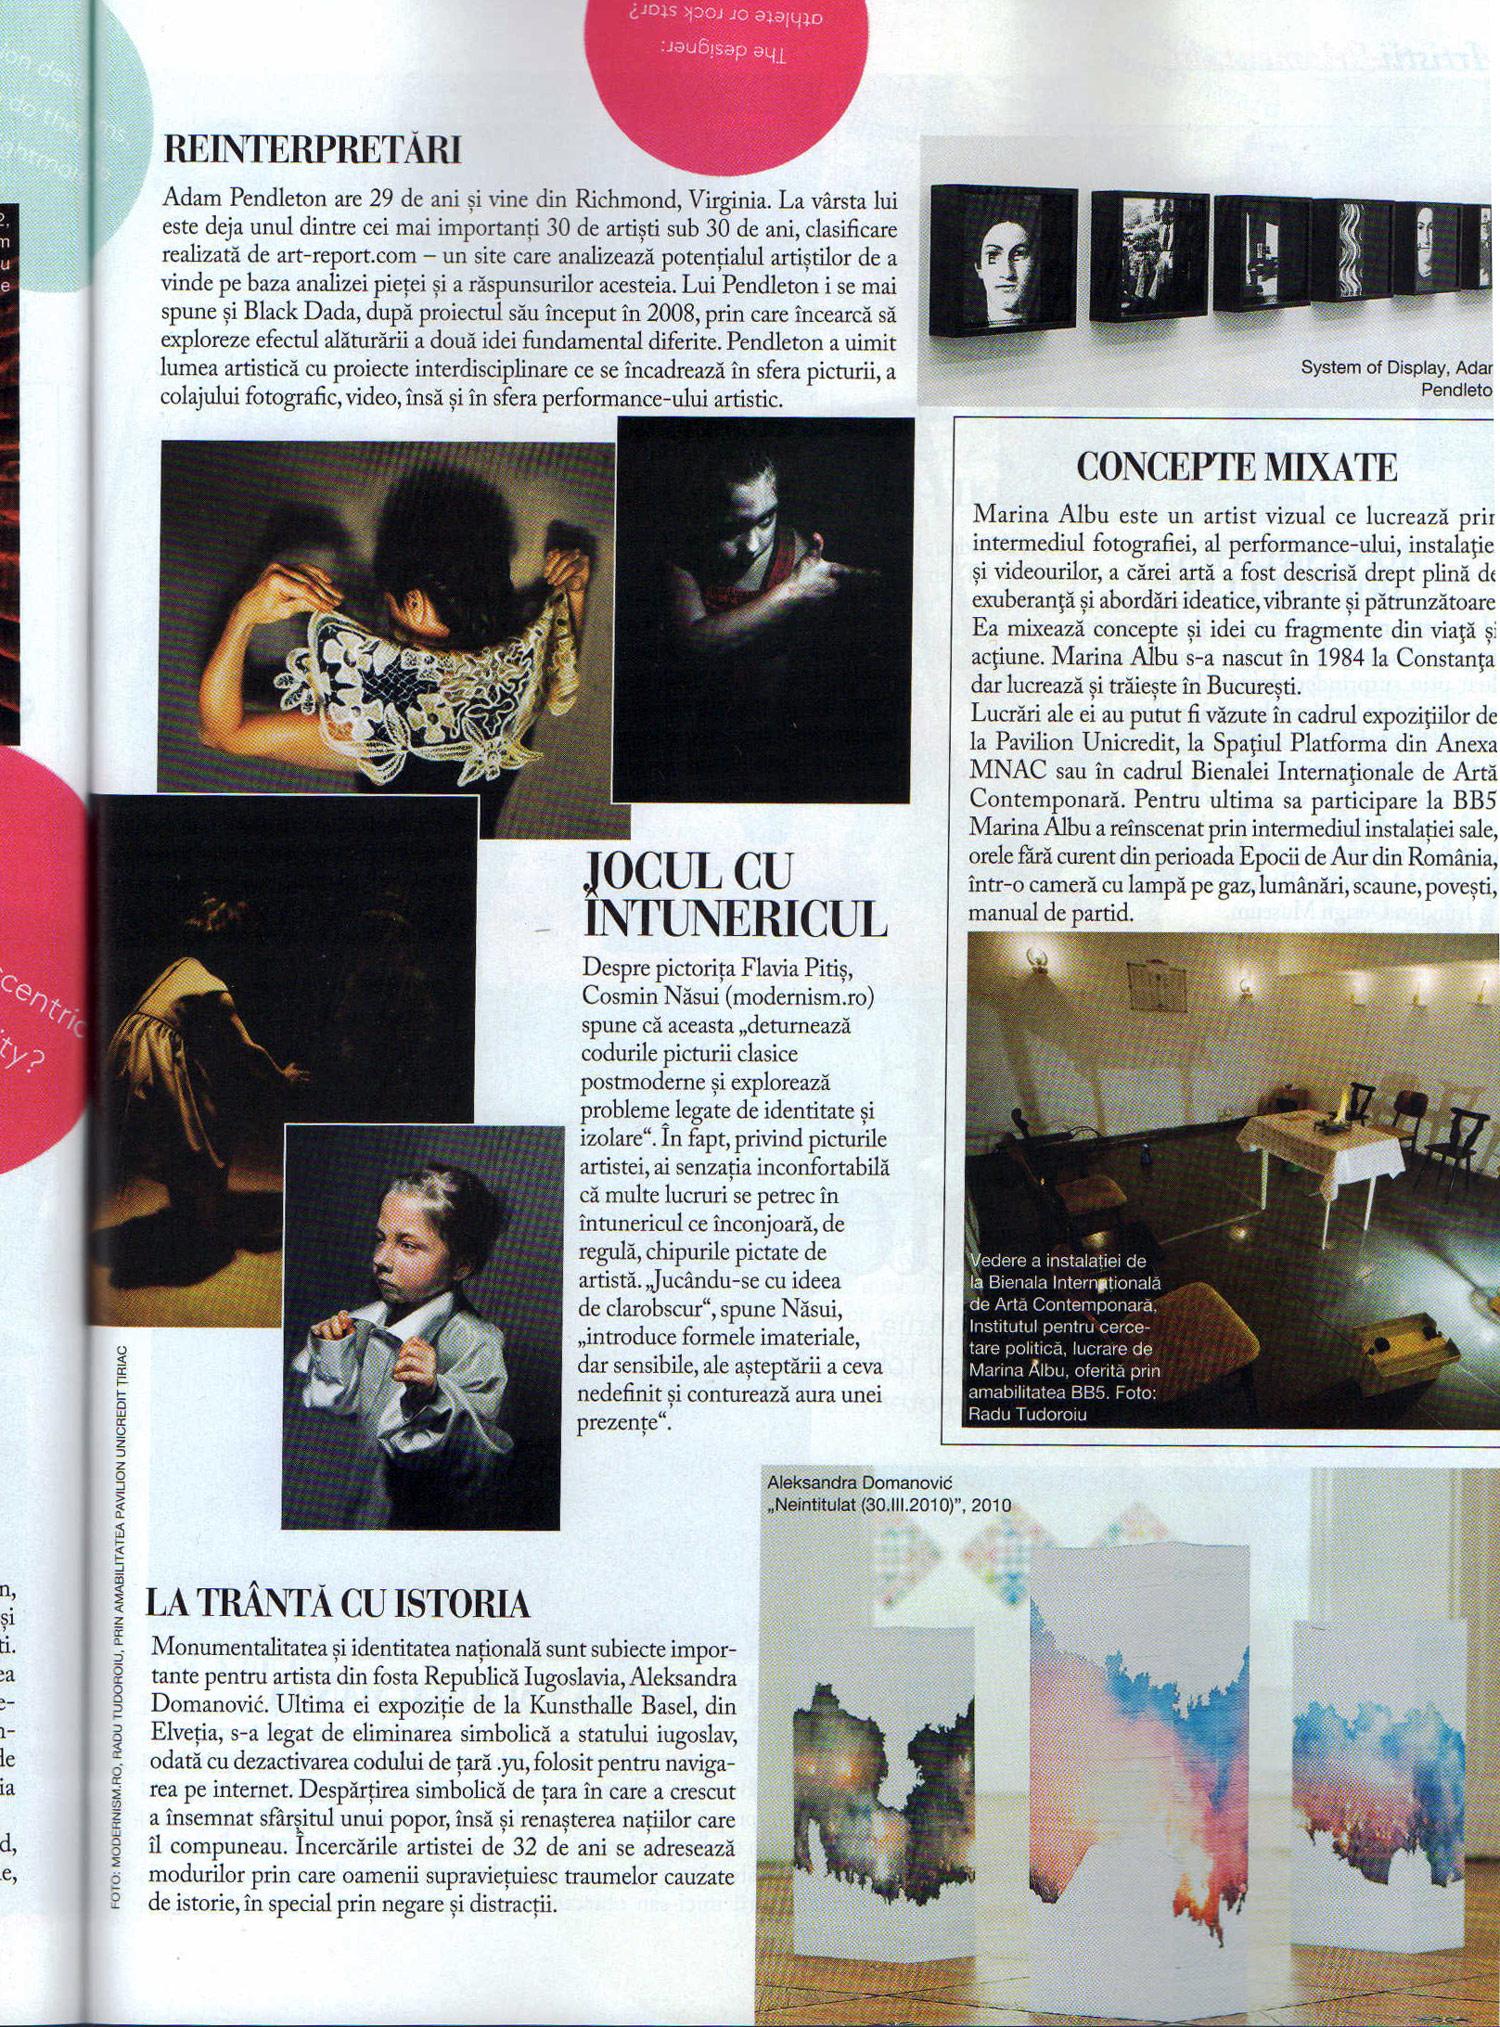 Beau Monde, Nr. 4 (125), Aprilie 2013